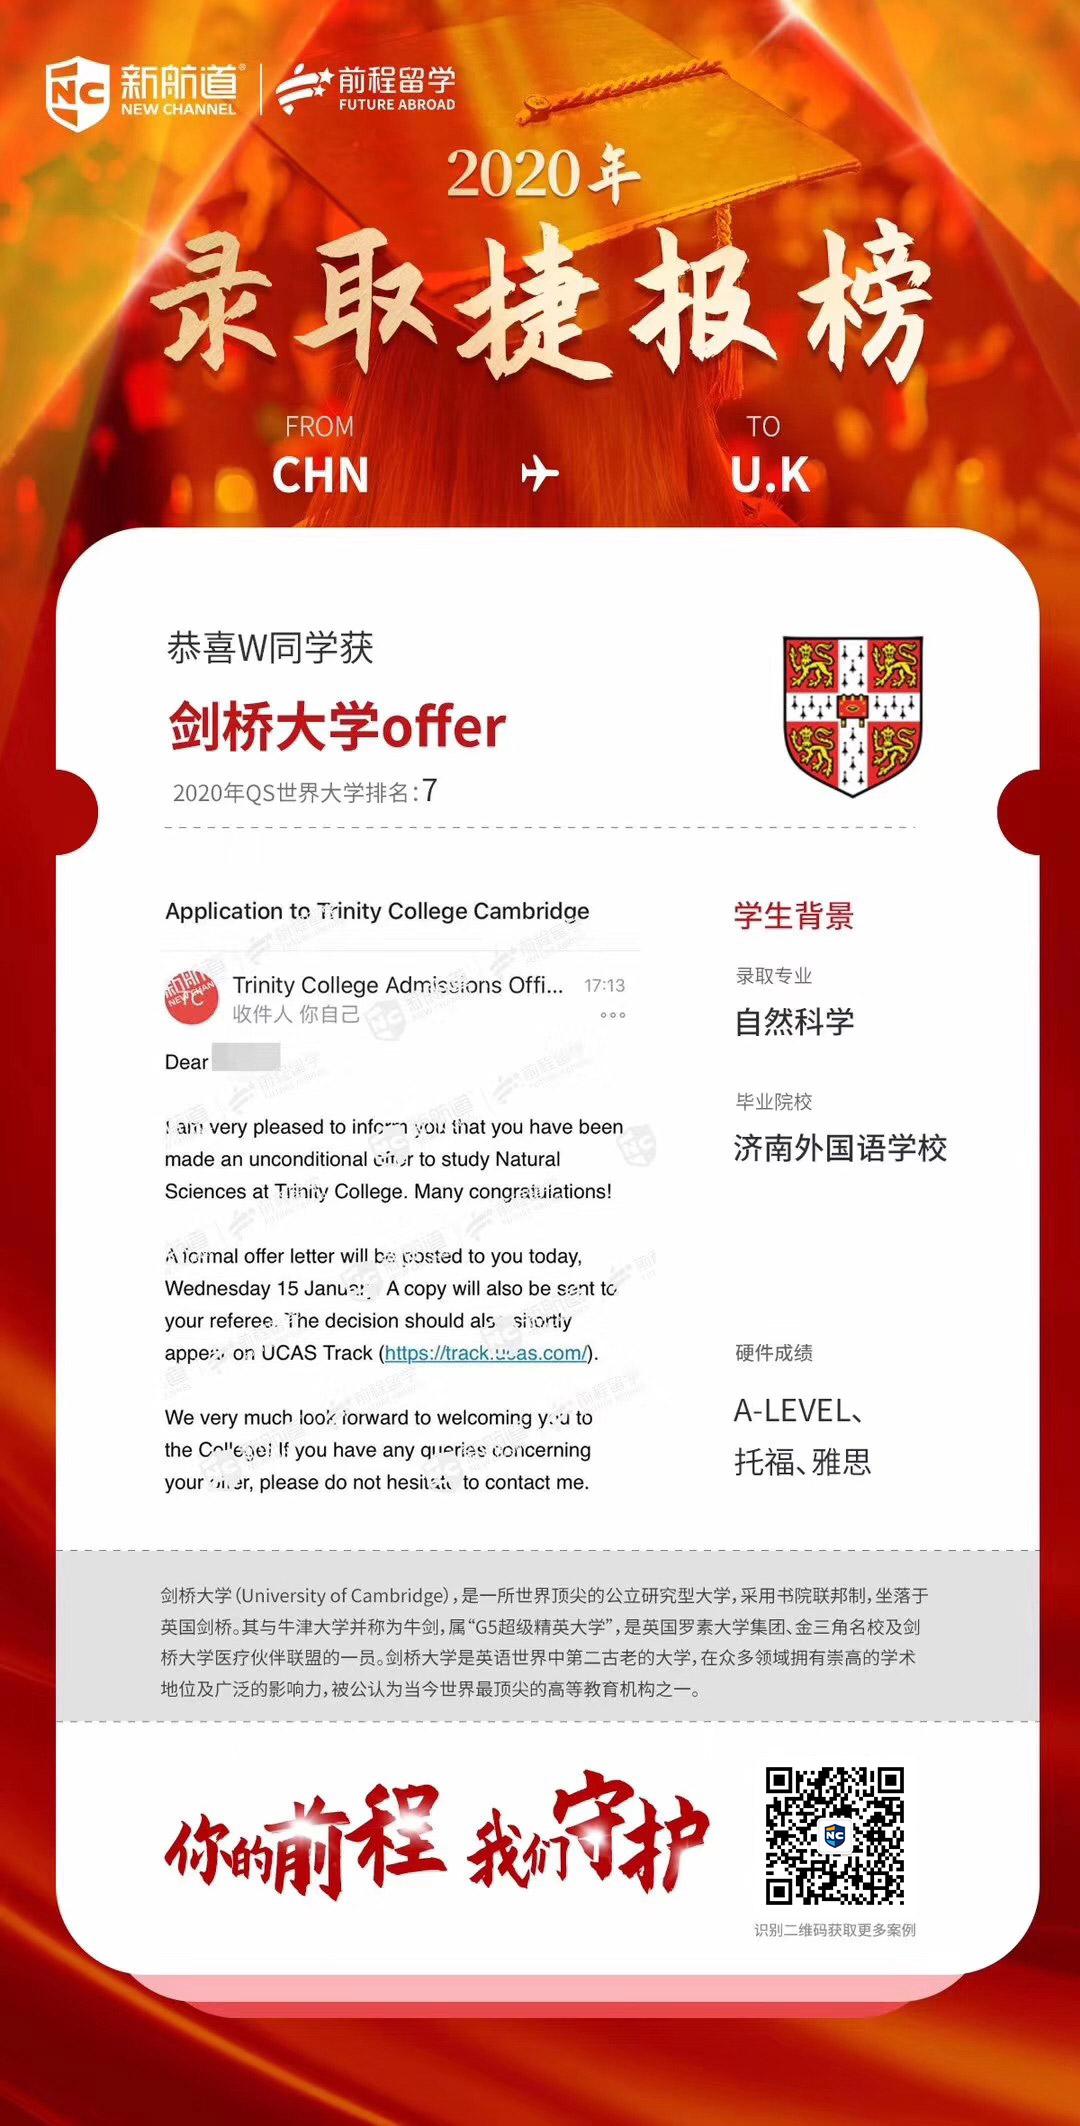 剑桥大学三一学院自然科学专业offer来了!一站式学习冲刺英国G5!